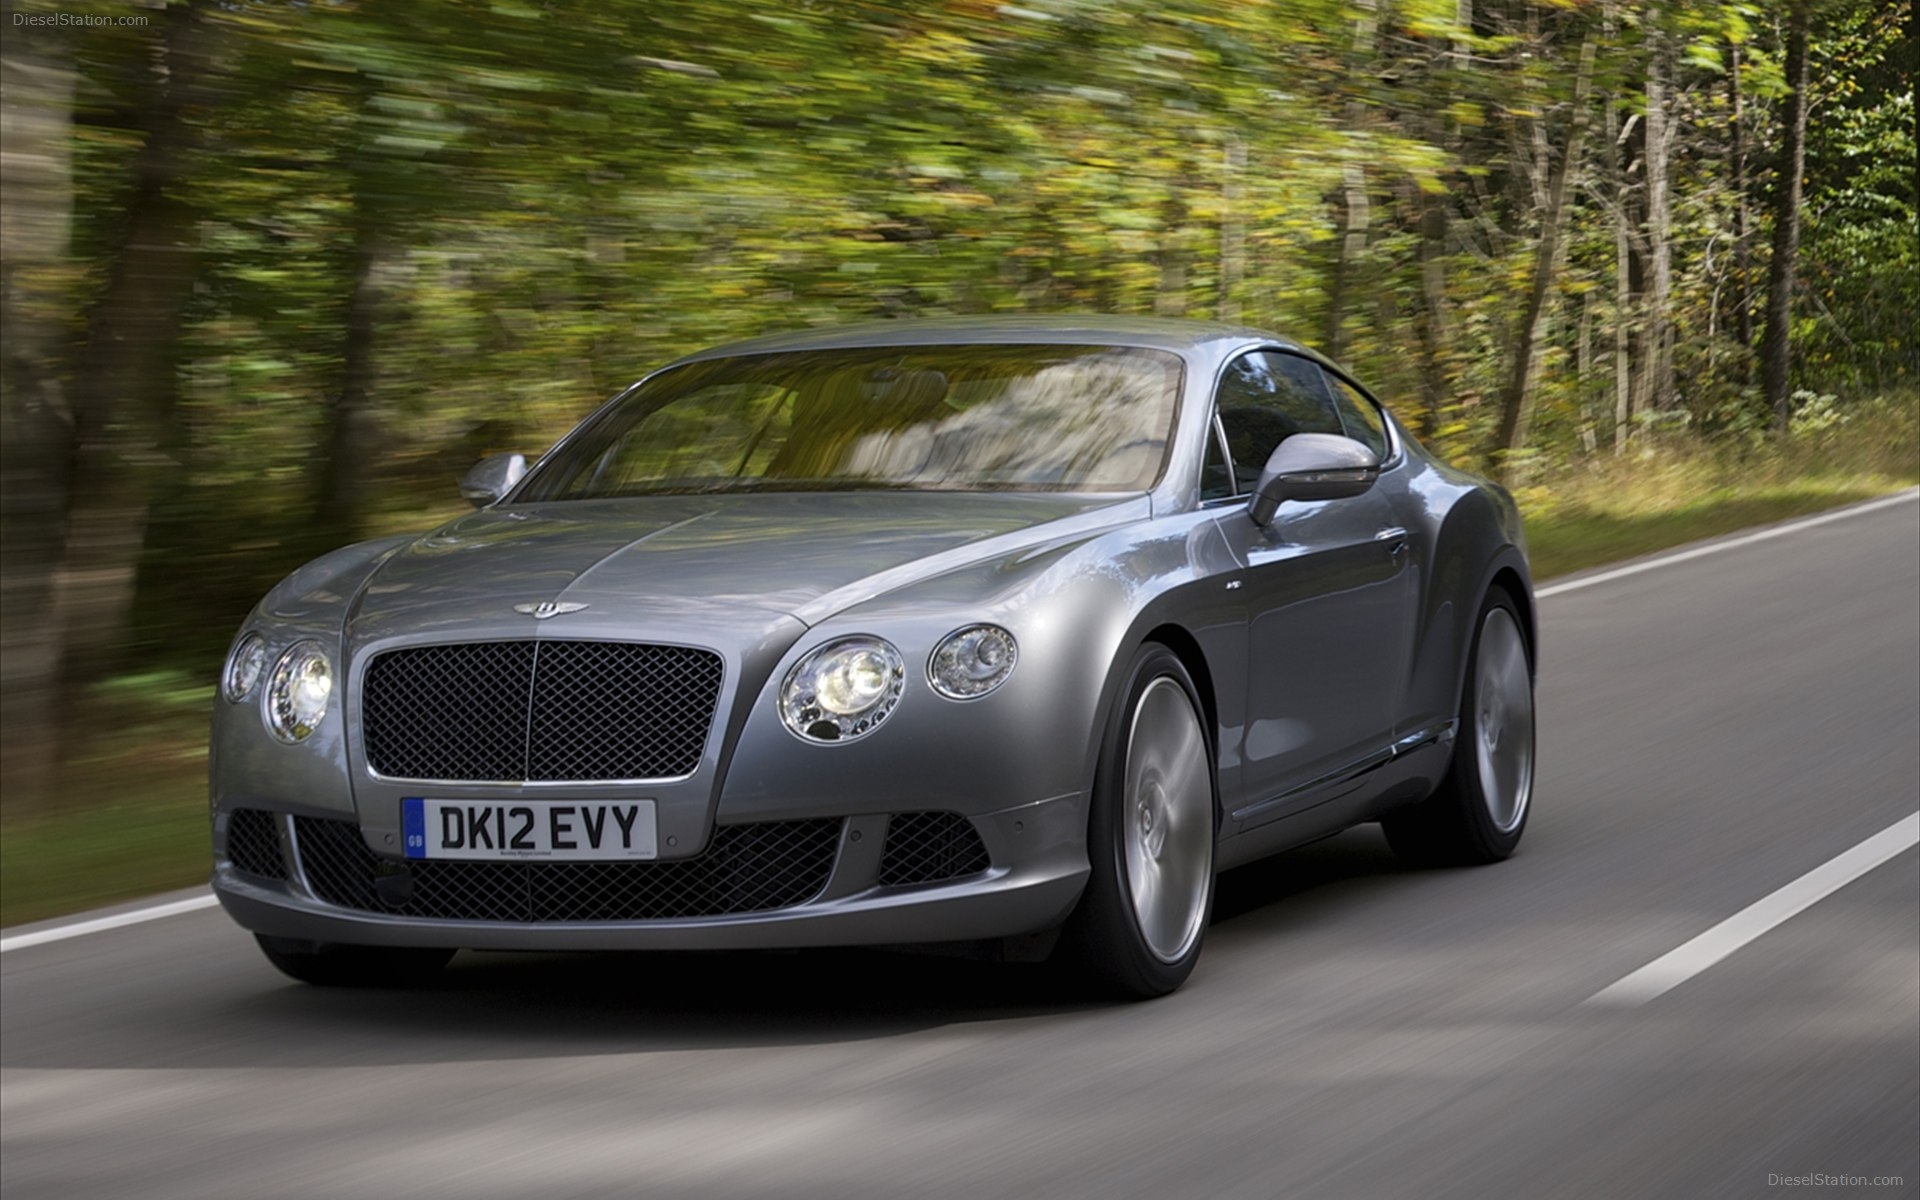 Bentley-Continental-GT-Speed-wallpaper-wp424046-1